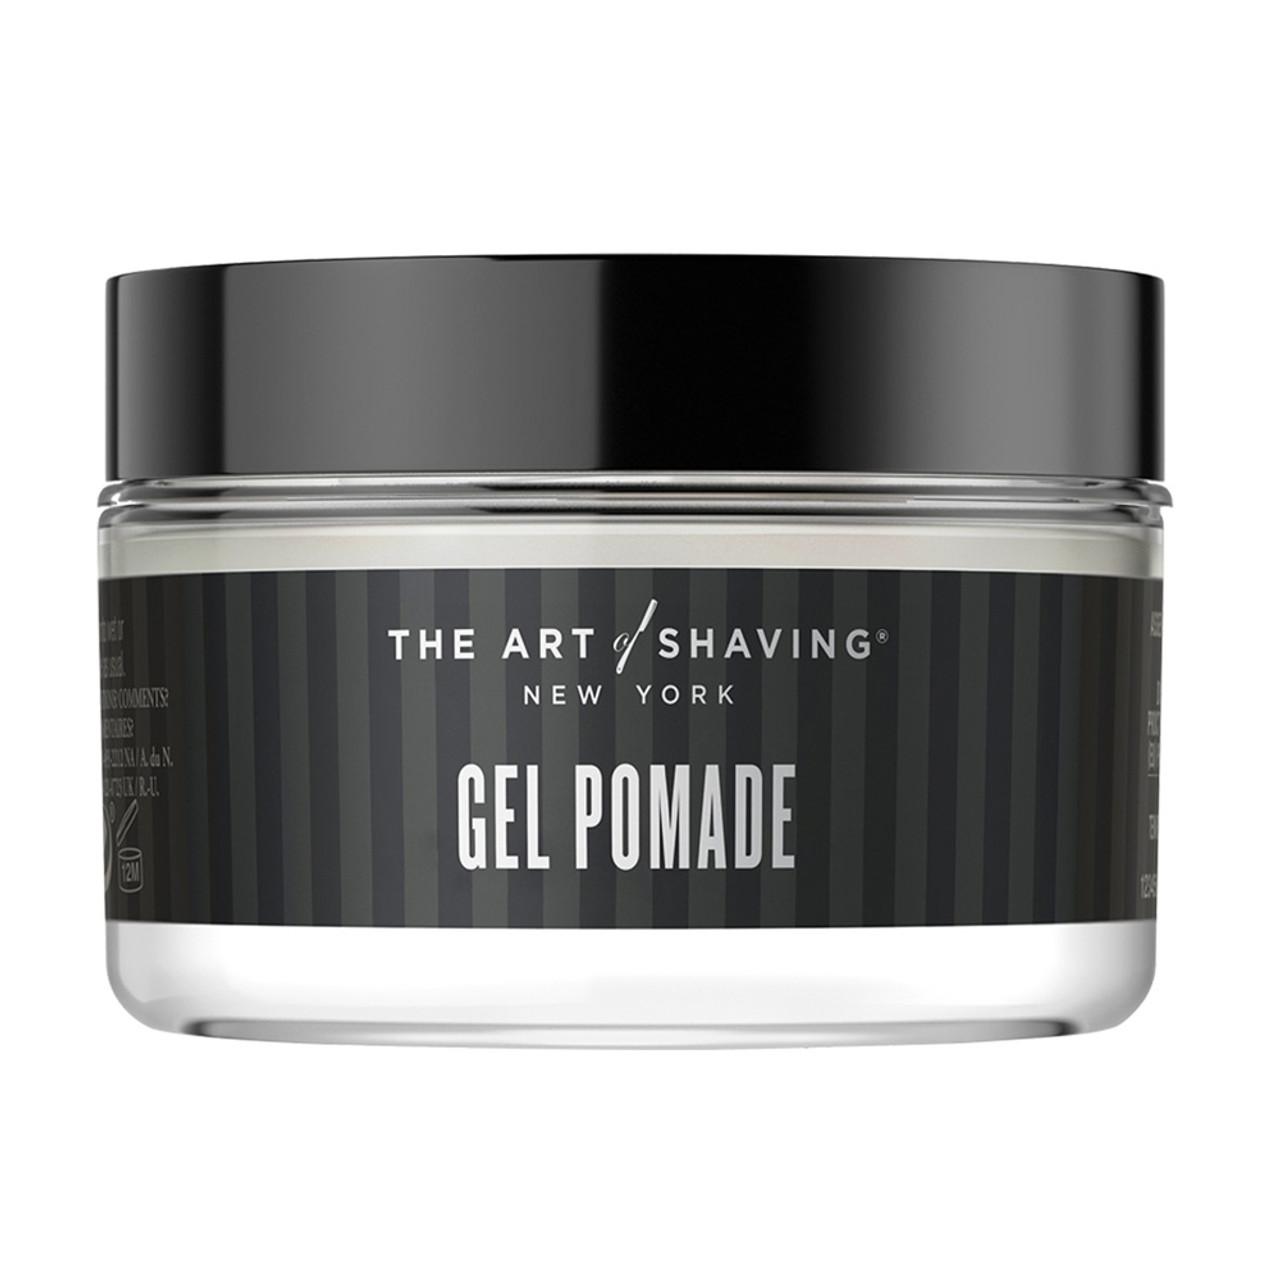 The Art Of Shaving Gel Pomade